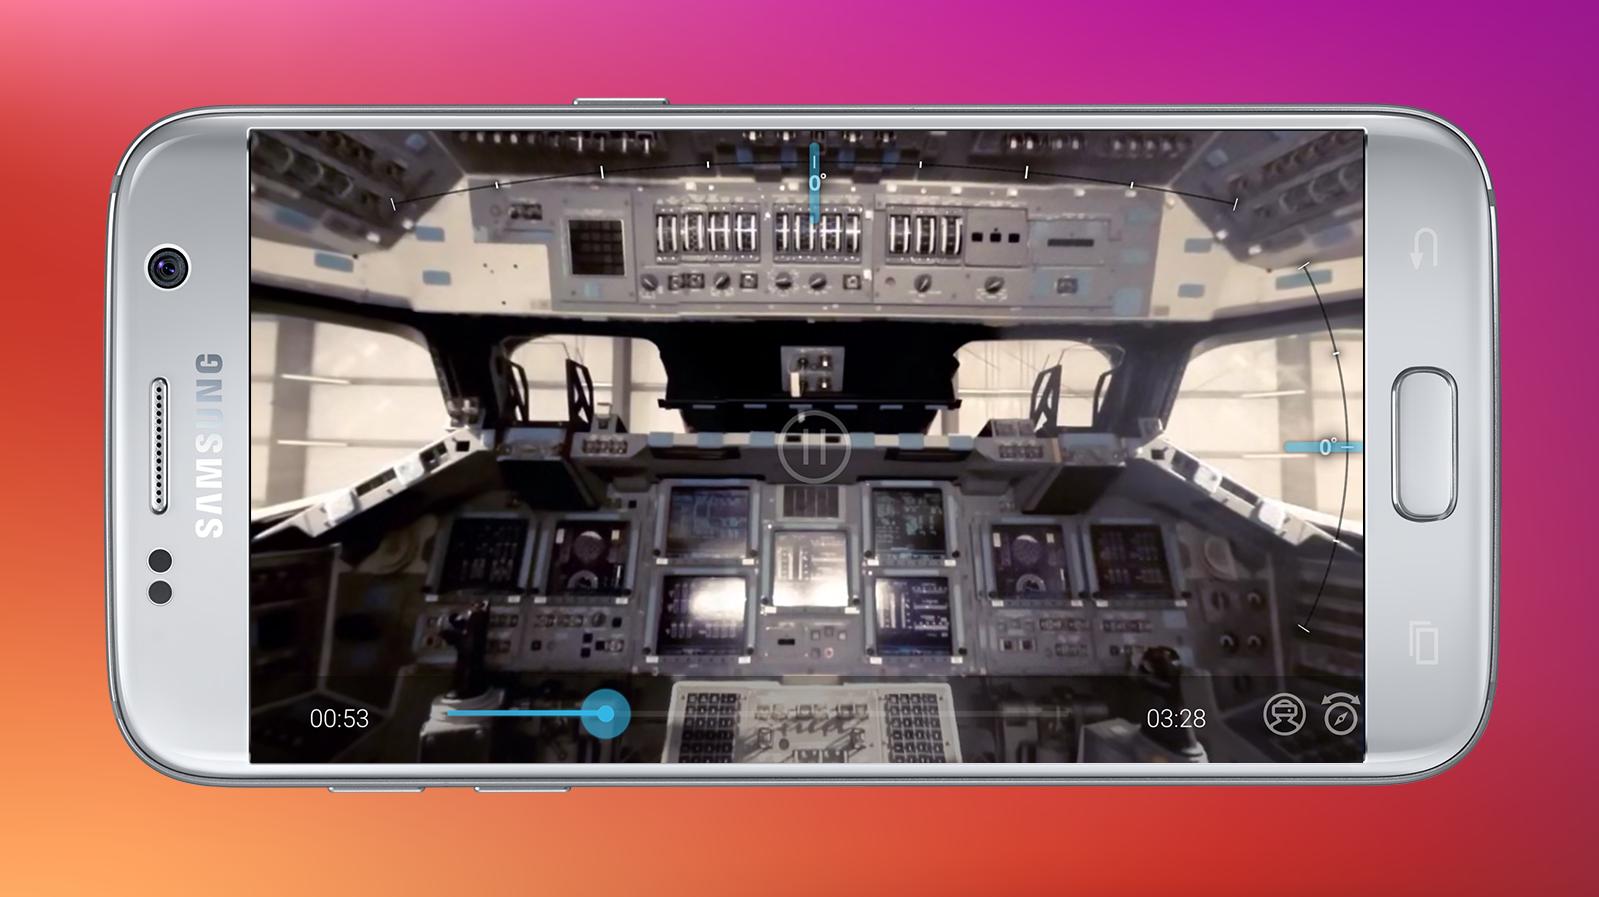 Nå kan du se massevis av VR-innhold på Samsungs mobiler uten VR-briller